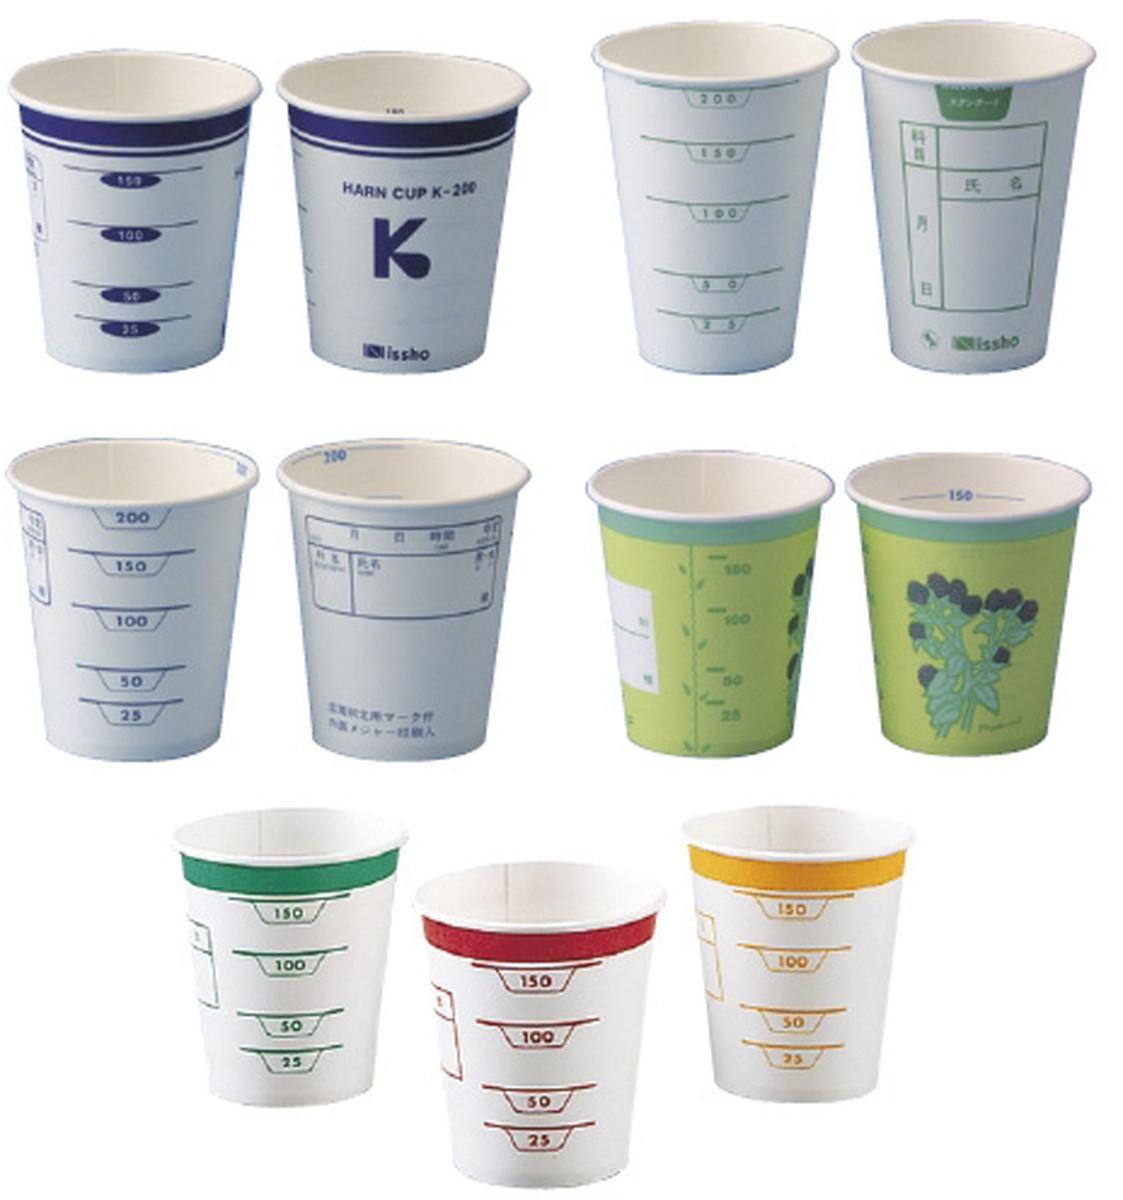 【送料無料】-ハルンカップ(採尿カップ)Aタイプ グリーン(210CC)2500コイリ 品番 my07-2510-01-- 1入り-【MY医科器機】JAN 4523992010087